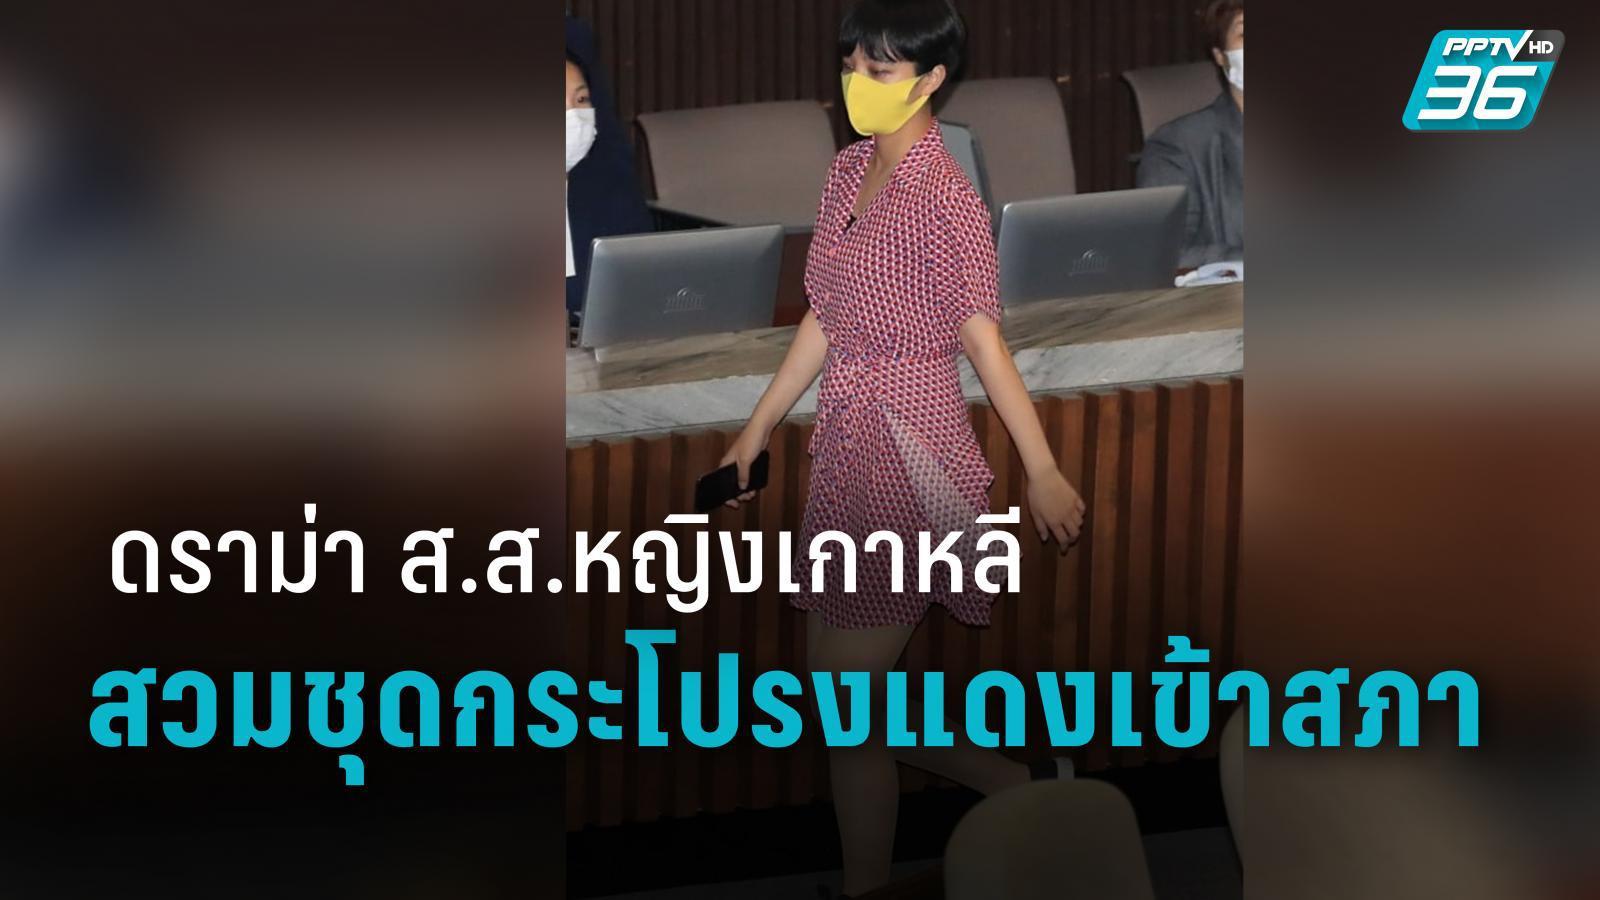 ดราม่า ส.ส.หญิงเกาหลีสวมชุดกระโปรงแดงเข้าประชุมสภา